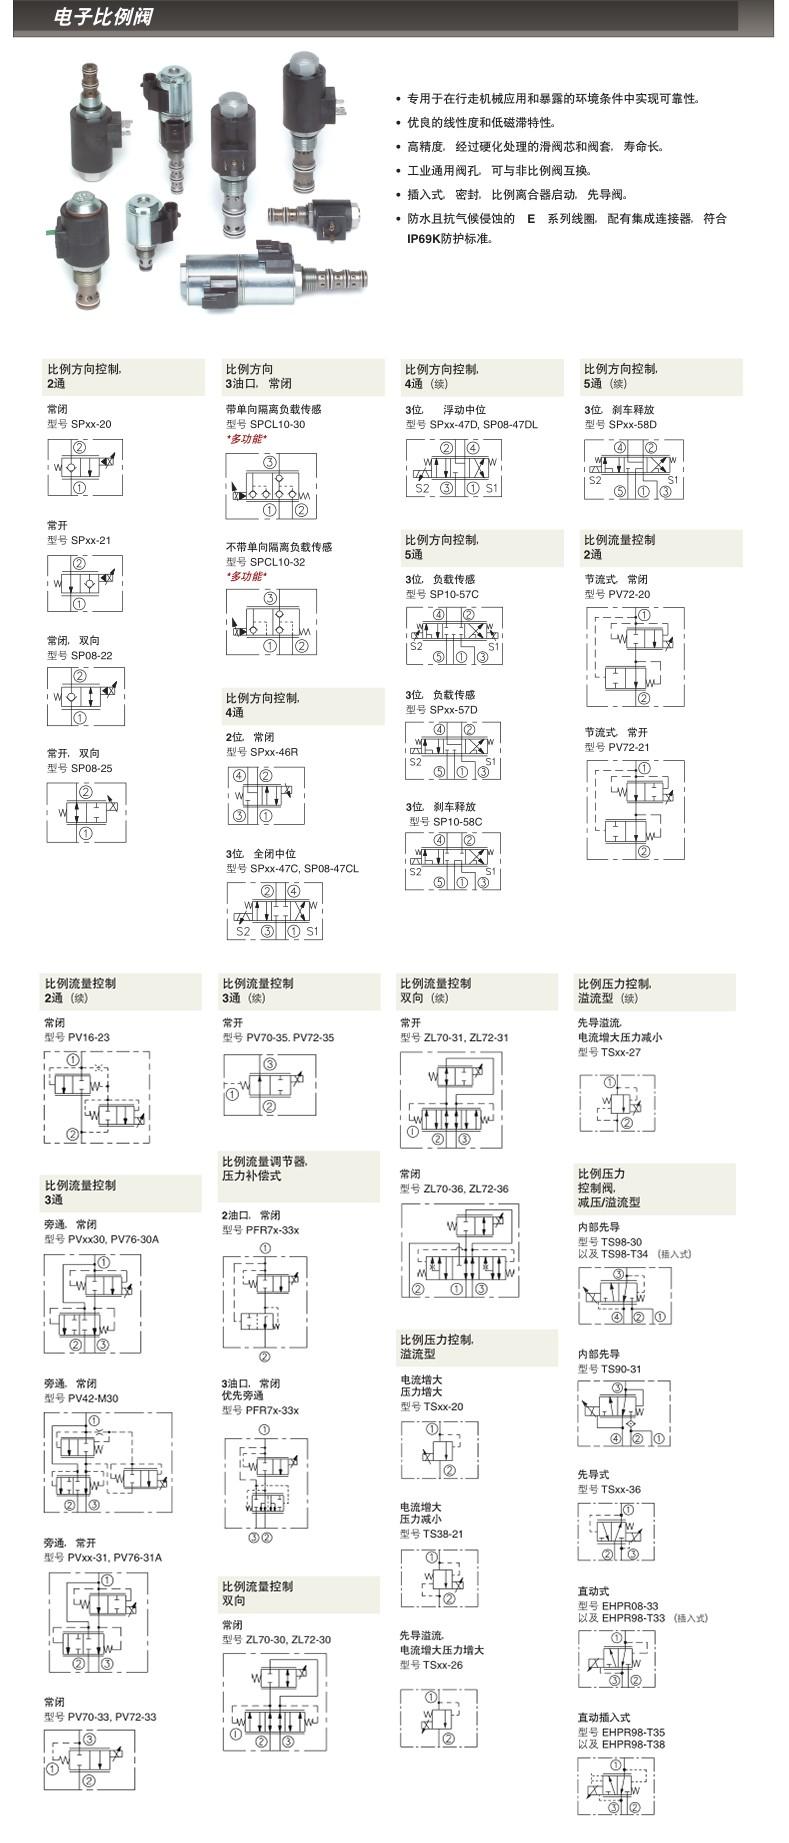 电子比例阀X.jpg